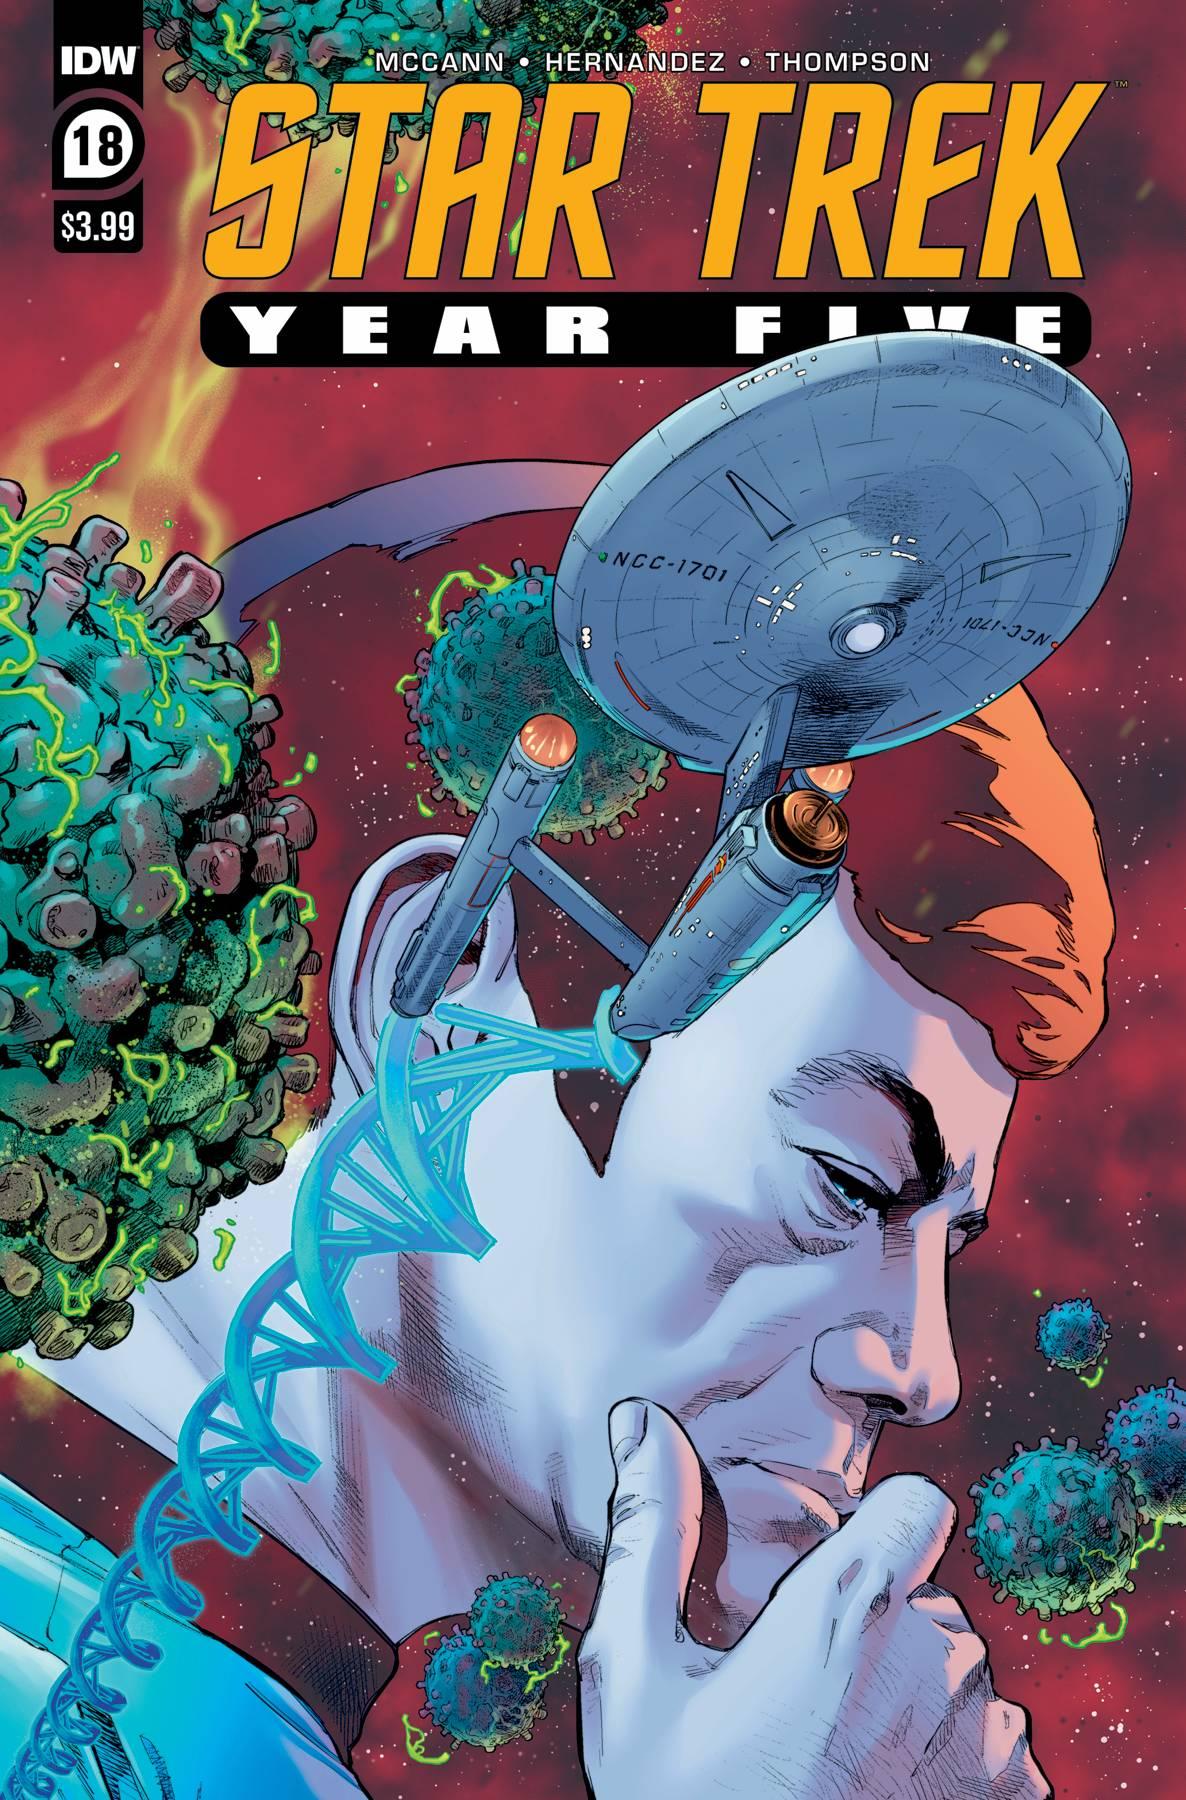 Star Trek: Year Five #18 (2021)